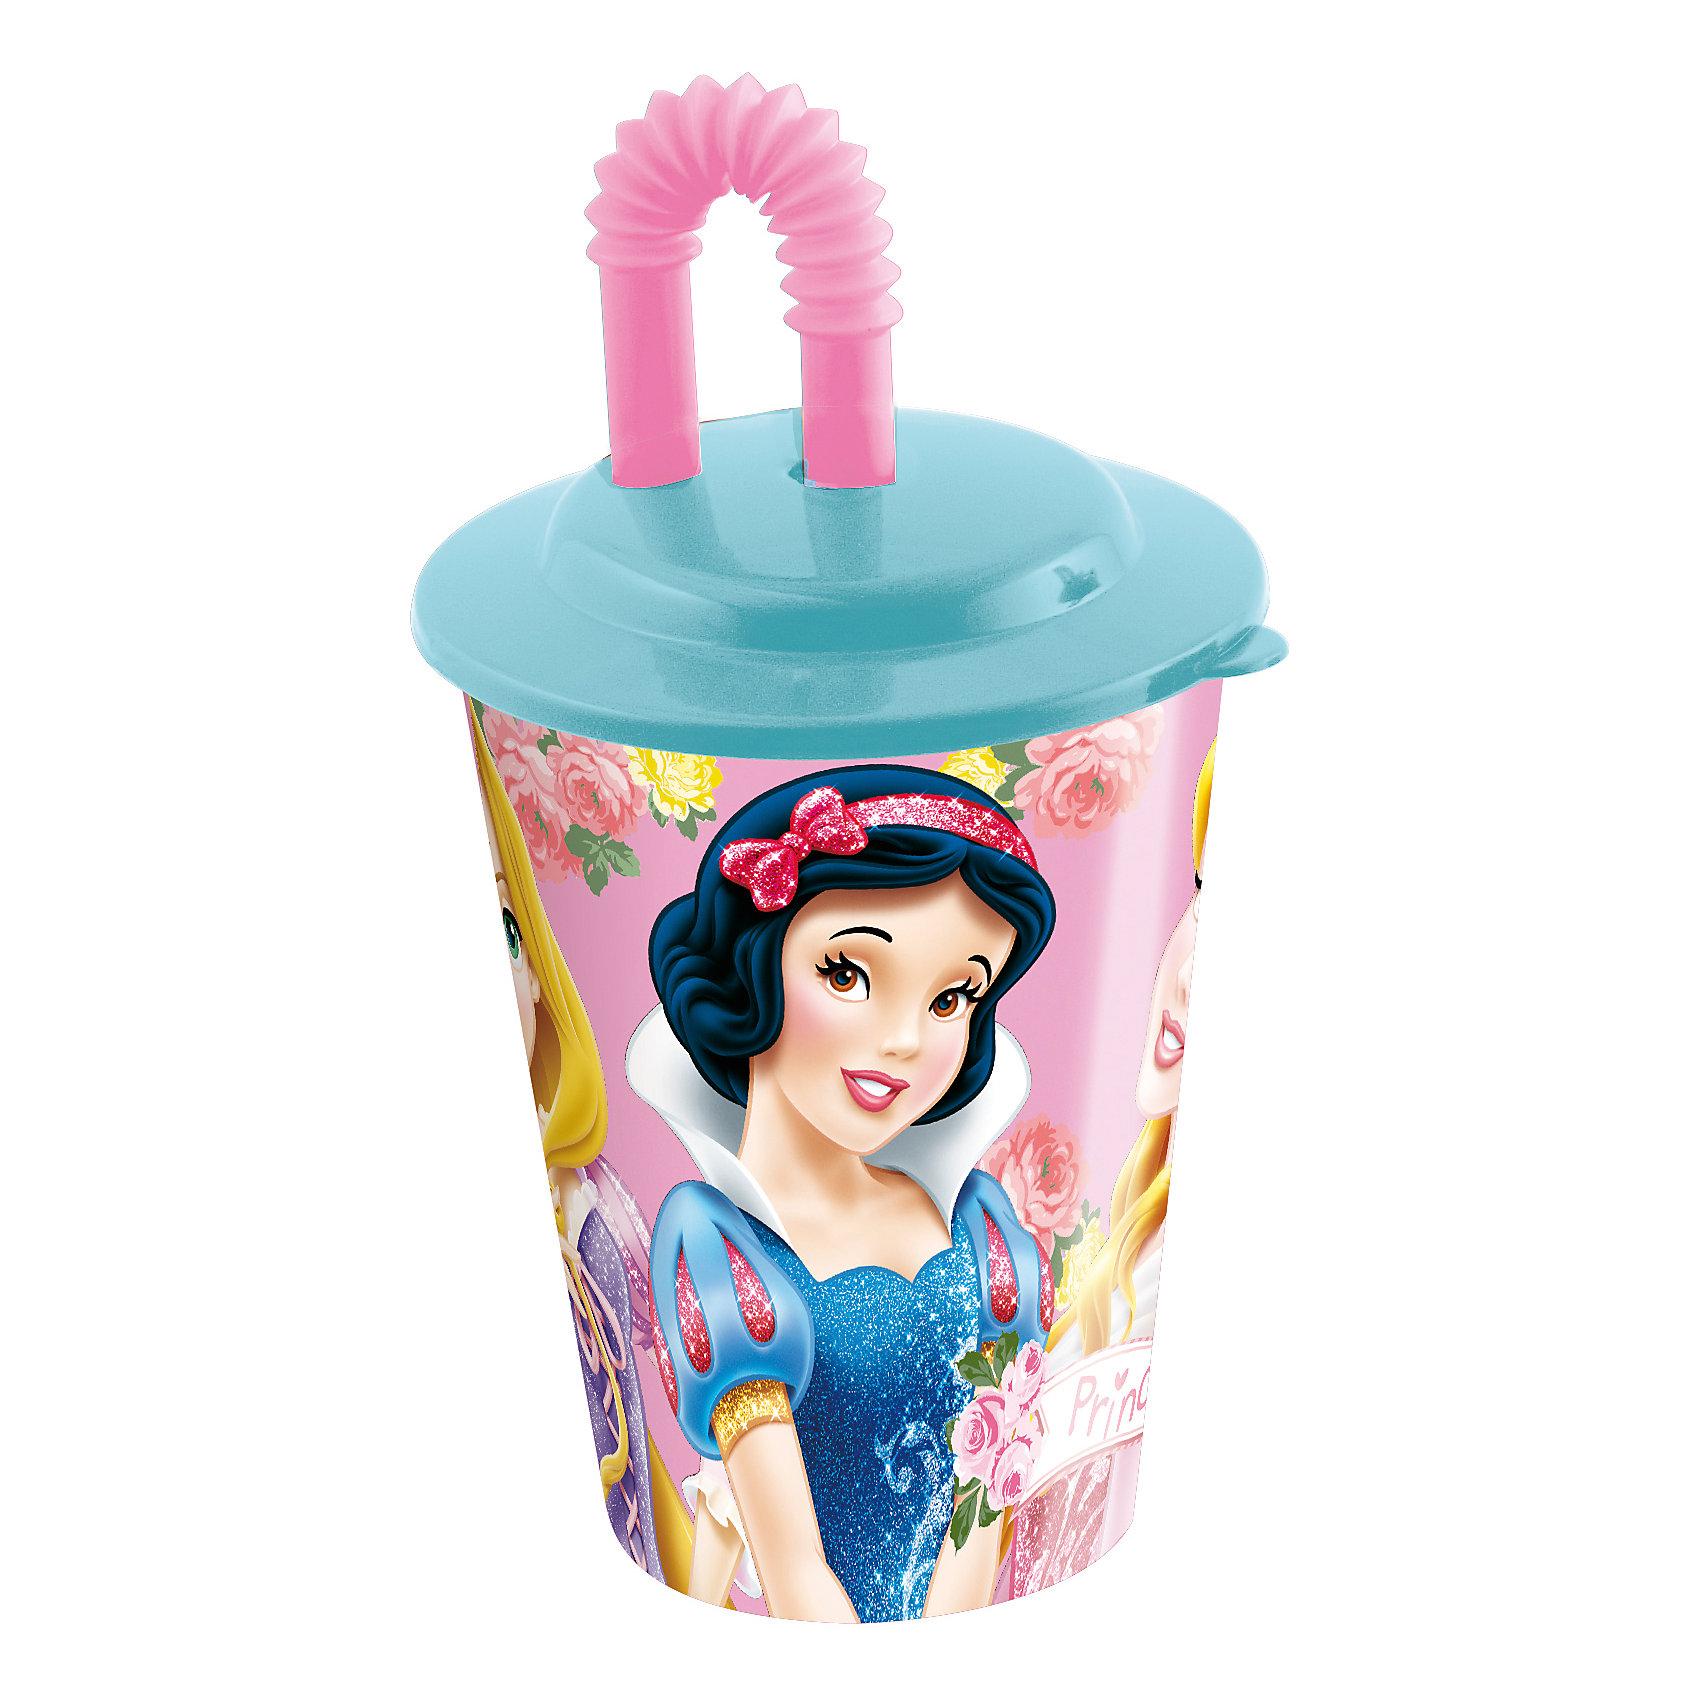 Стакан с крышкой и трубочкой, 450 мл, Принцессы ДиснейБутылки для воды и бутербродницы<br>Стакан с изображением любимых принцесс обязательно понравится девочкам. Пить из него приятнее вдвойне! Стакан имеет удобную крышку, исключающую проливание и гибкую трубочку, выполнен из высококачественного экологичного пищевого пластика. Пластиковая посуда - практичная и безопасная, ее можно брать с собой куда угодно, не беспокоясь, что она может разбиться и поранить ребенка.   <br><br>Дополнительная информация:<br><br>- Материал: пластик.<br>- Объем: 450 мл.<br><br>Стакан с крышкой и трубочкой, 450 мл, Принцессы Дисней (Disney Princess), можно купить в нашем магазине.<br><br>Ширина мм: 95<br>Глубина мм: 95<br>Высота мм: 180<br>Вес г: 75<br>Возраст от месяцев: 36<br>Возраст до месяцев: 144<br>Пол: Женский<br>Возраст: Детский<br>SKU: 4761391